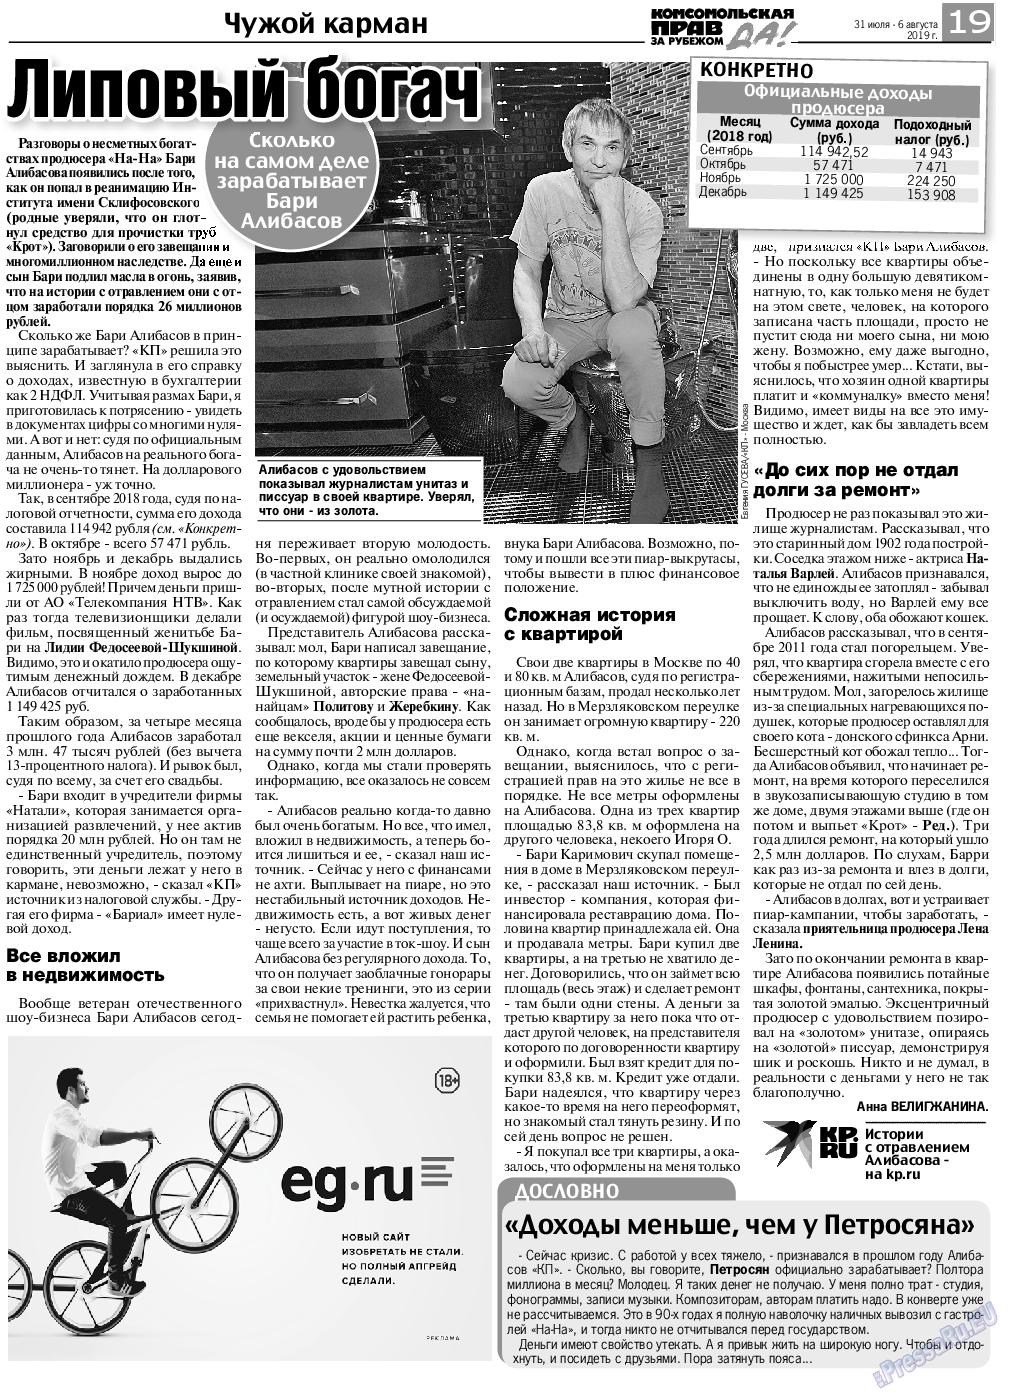 КП в Европе (газета). 2019 год, номер 31, стр. 19